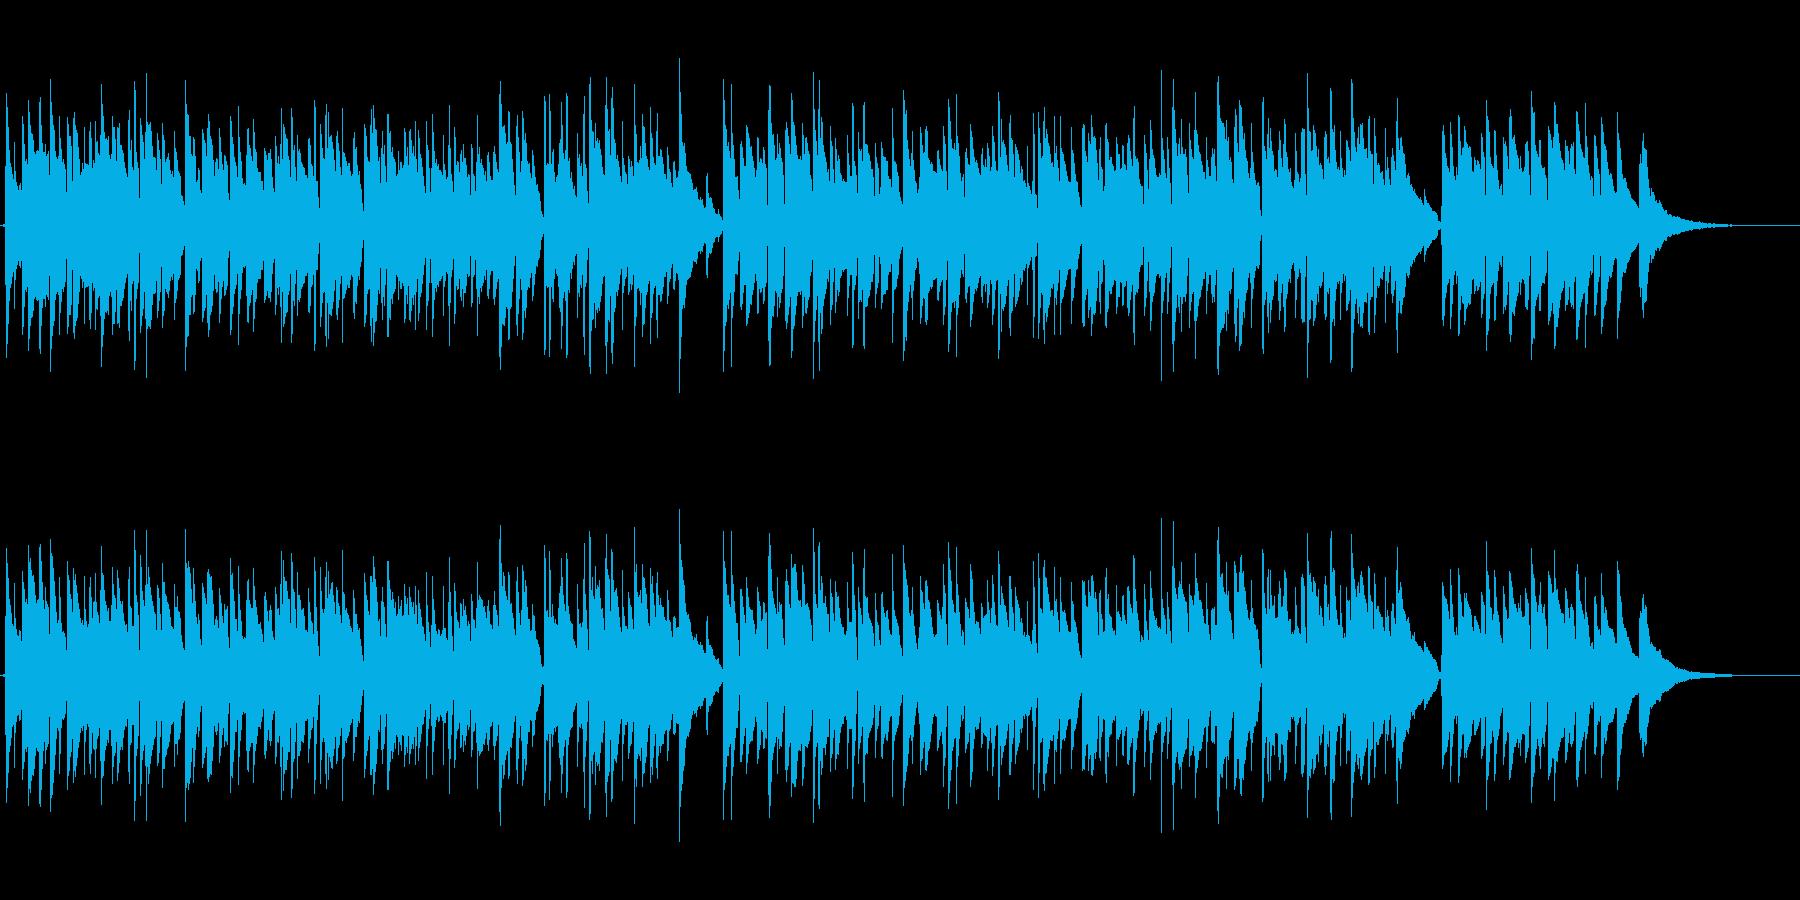 アコギ生演奏のゆったりとしたソロギター曲の再生済みの波形